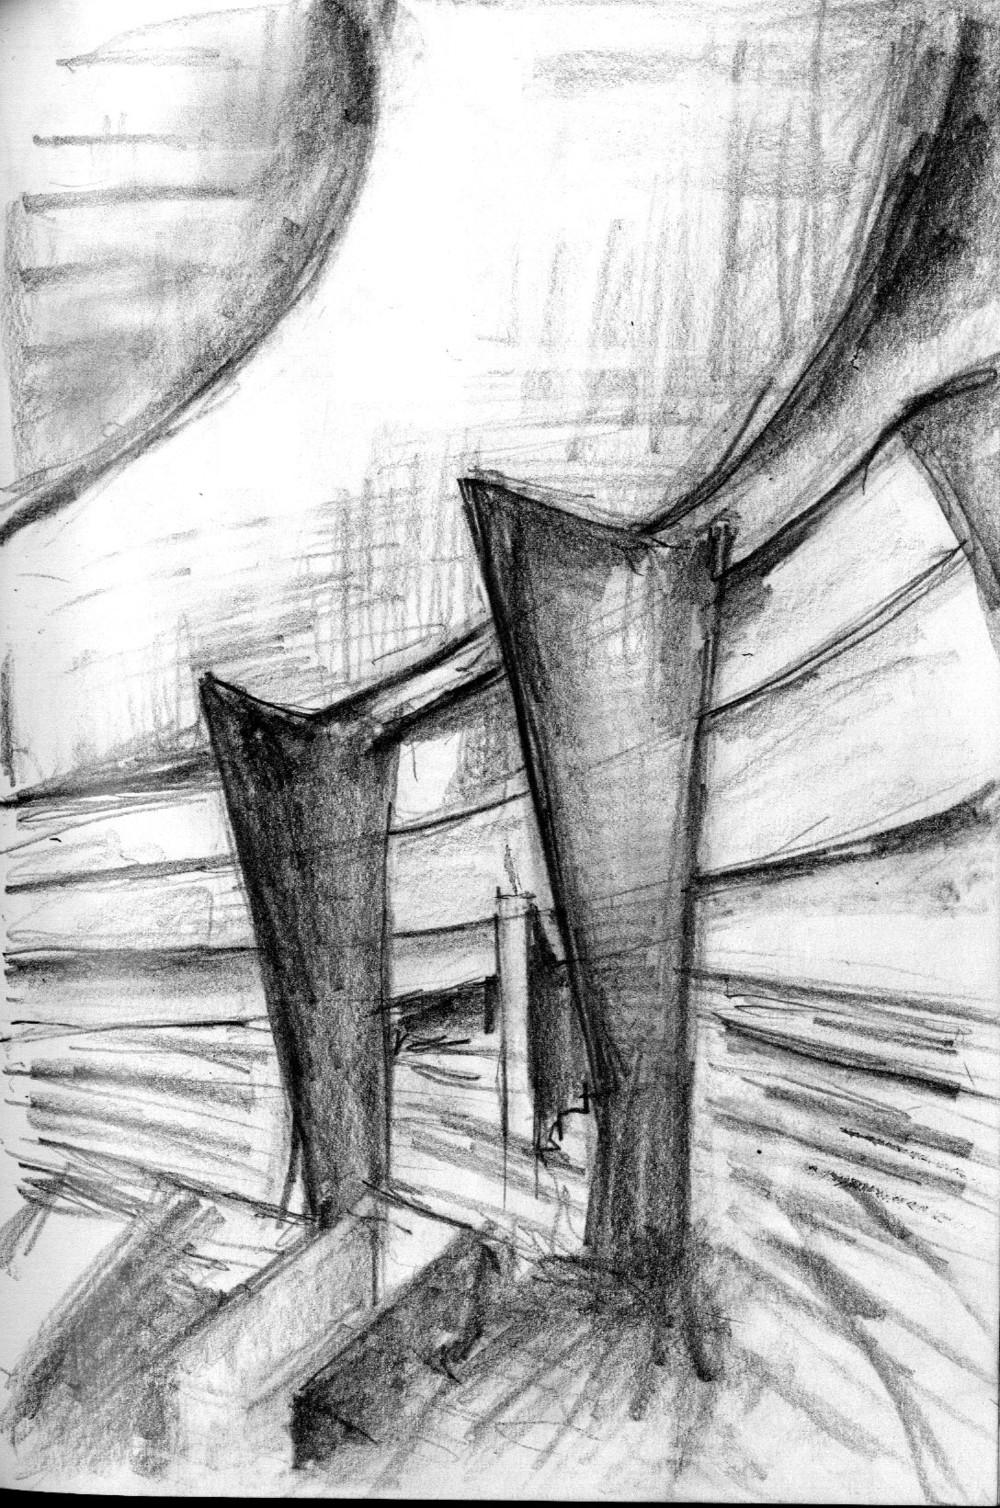 KM_Sketch6.jpg